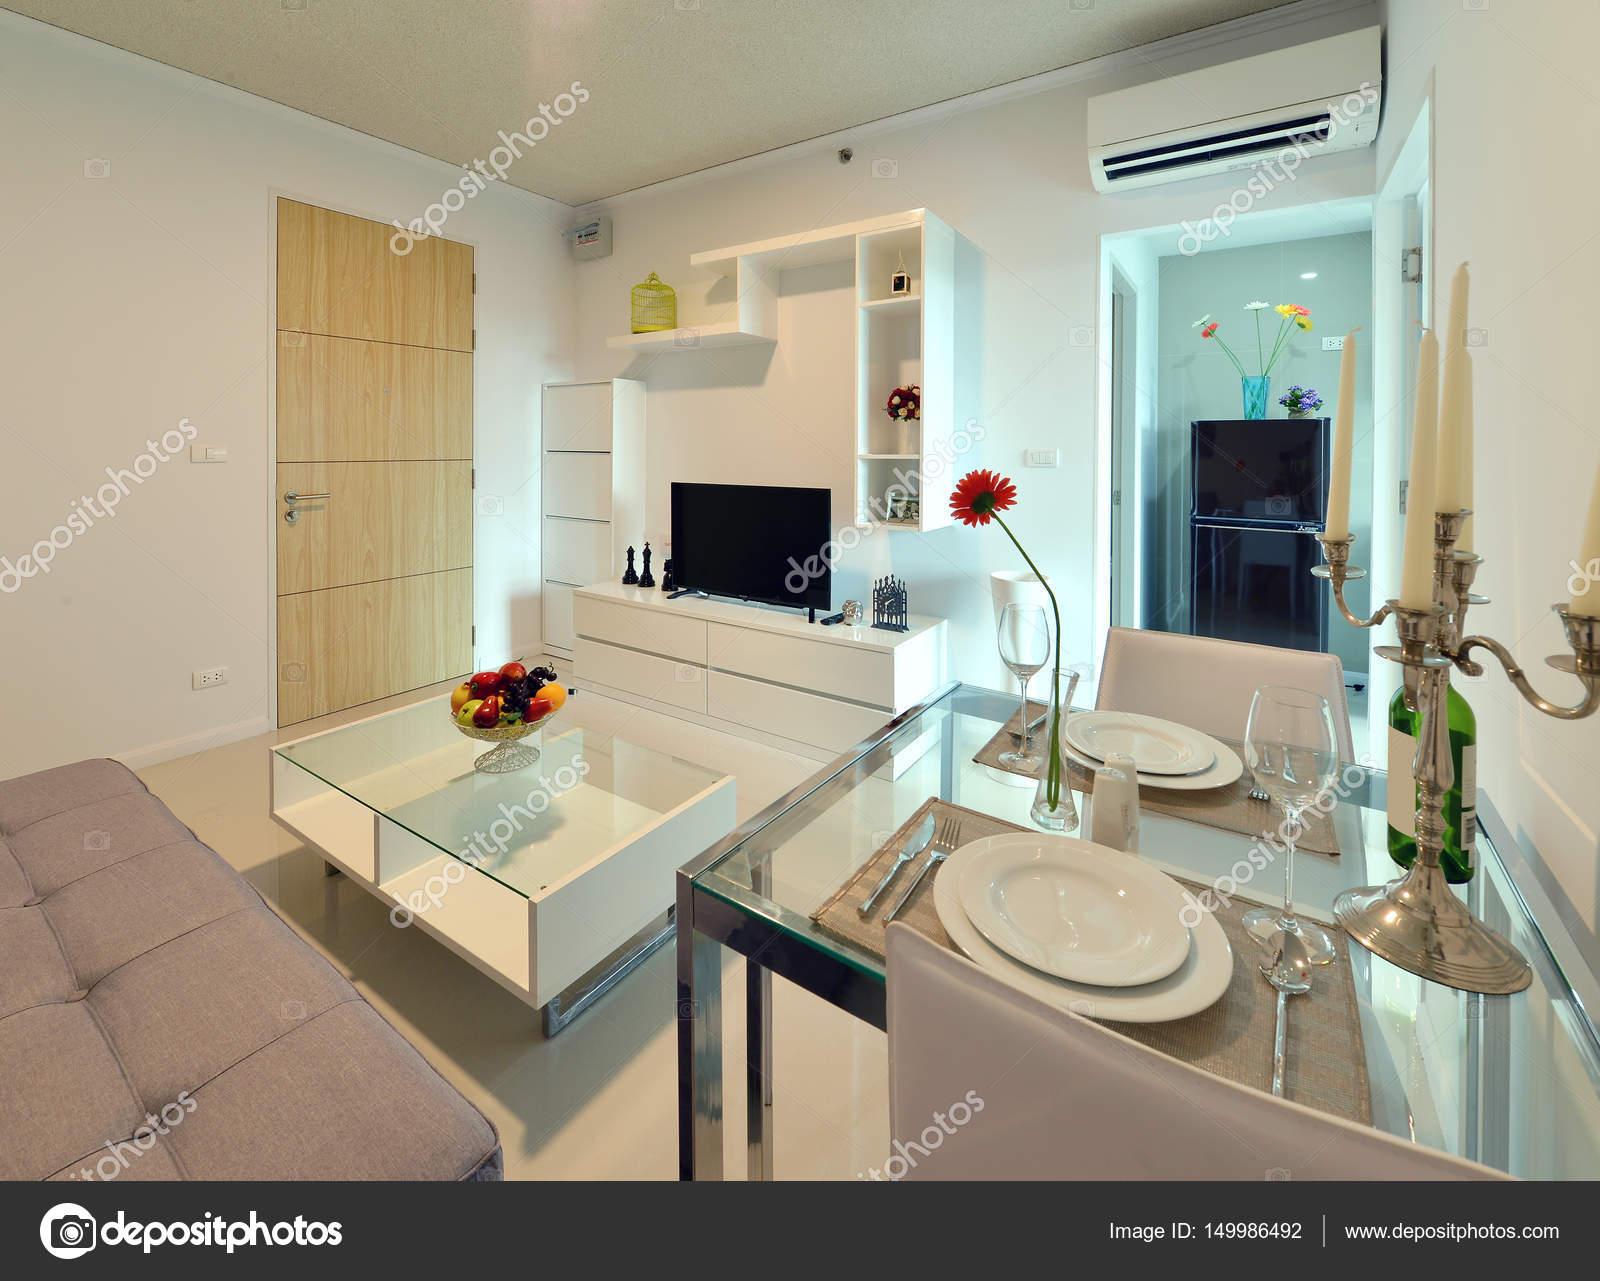 Decoracion de lujo interiores estudiar decoracion de for Estudiar decoracion de interiores